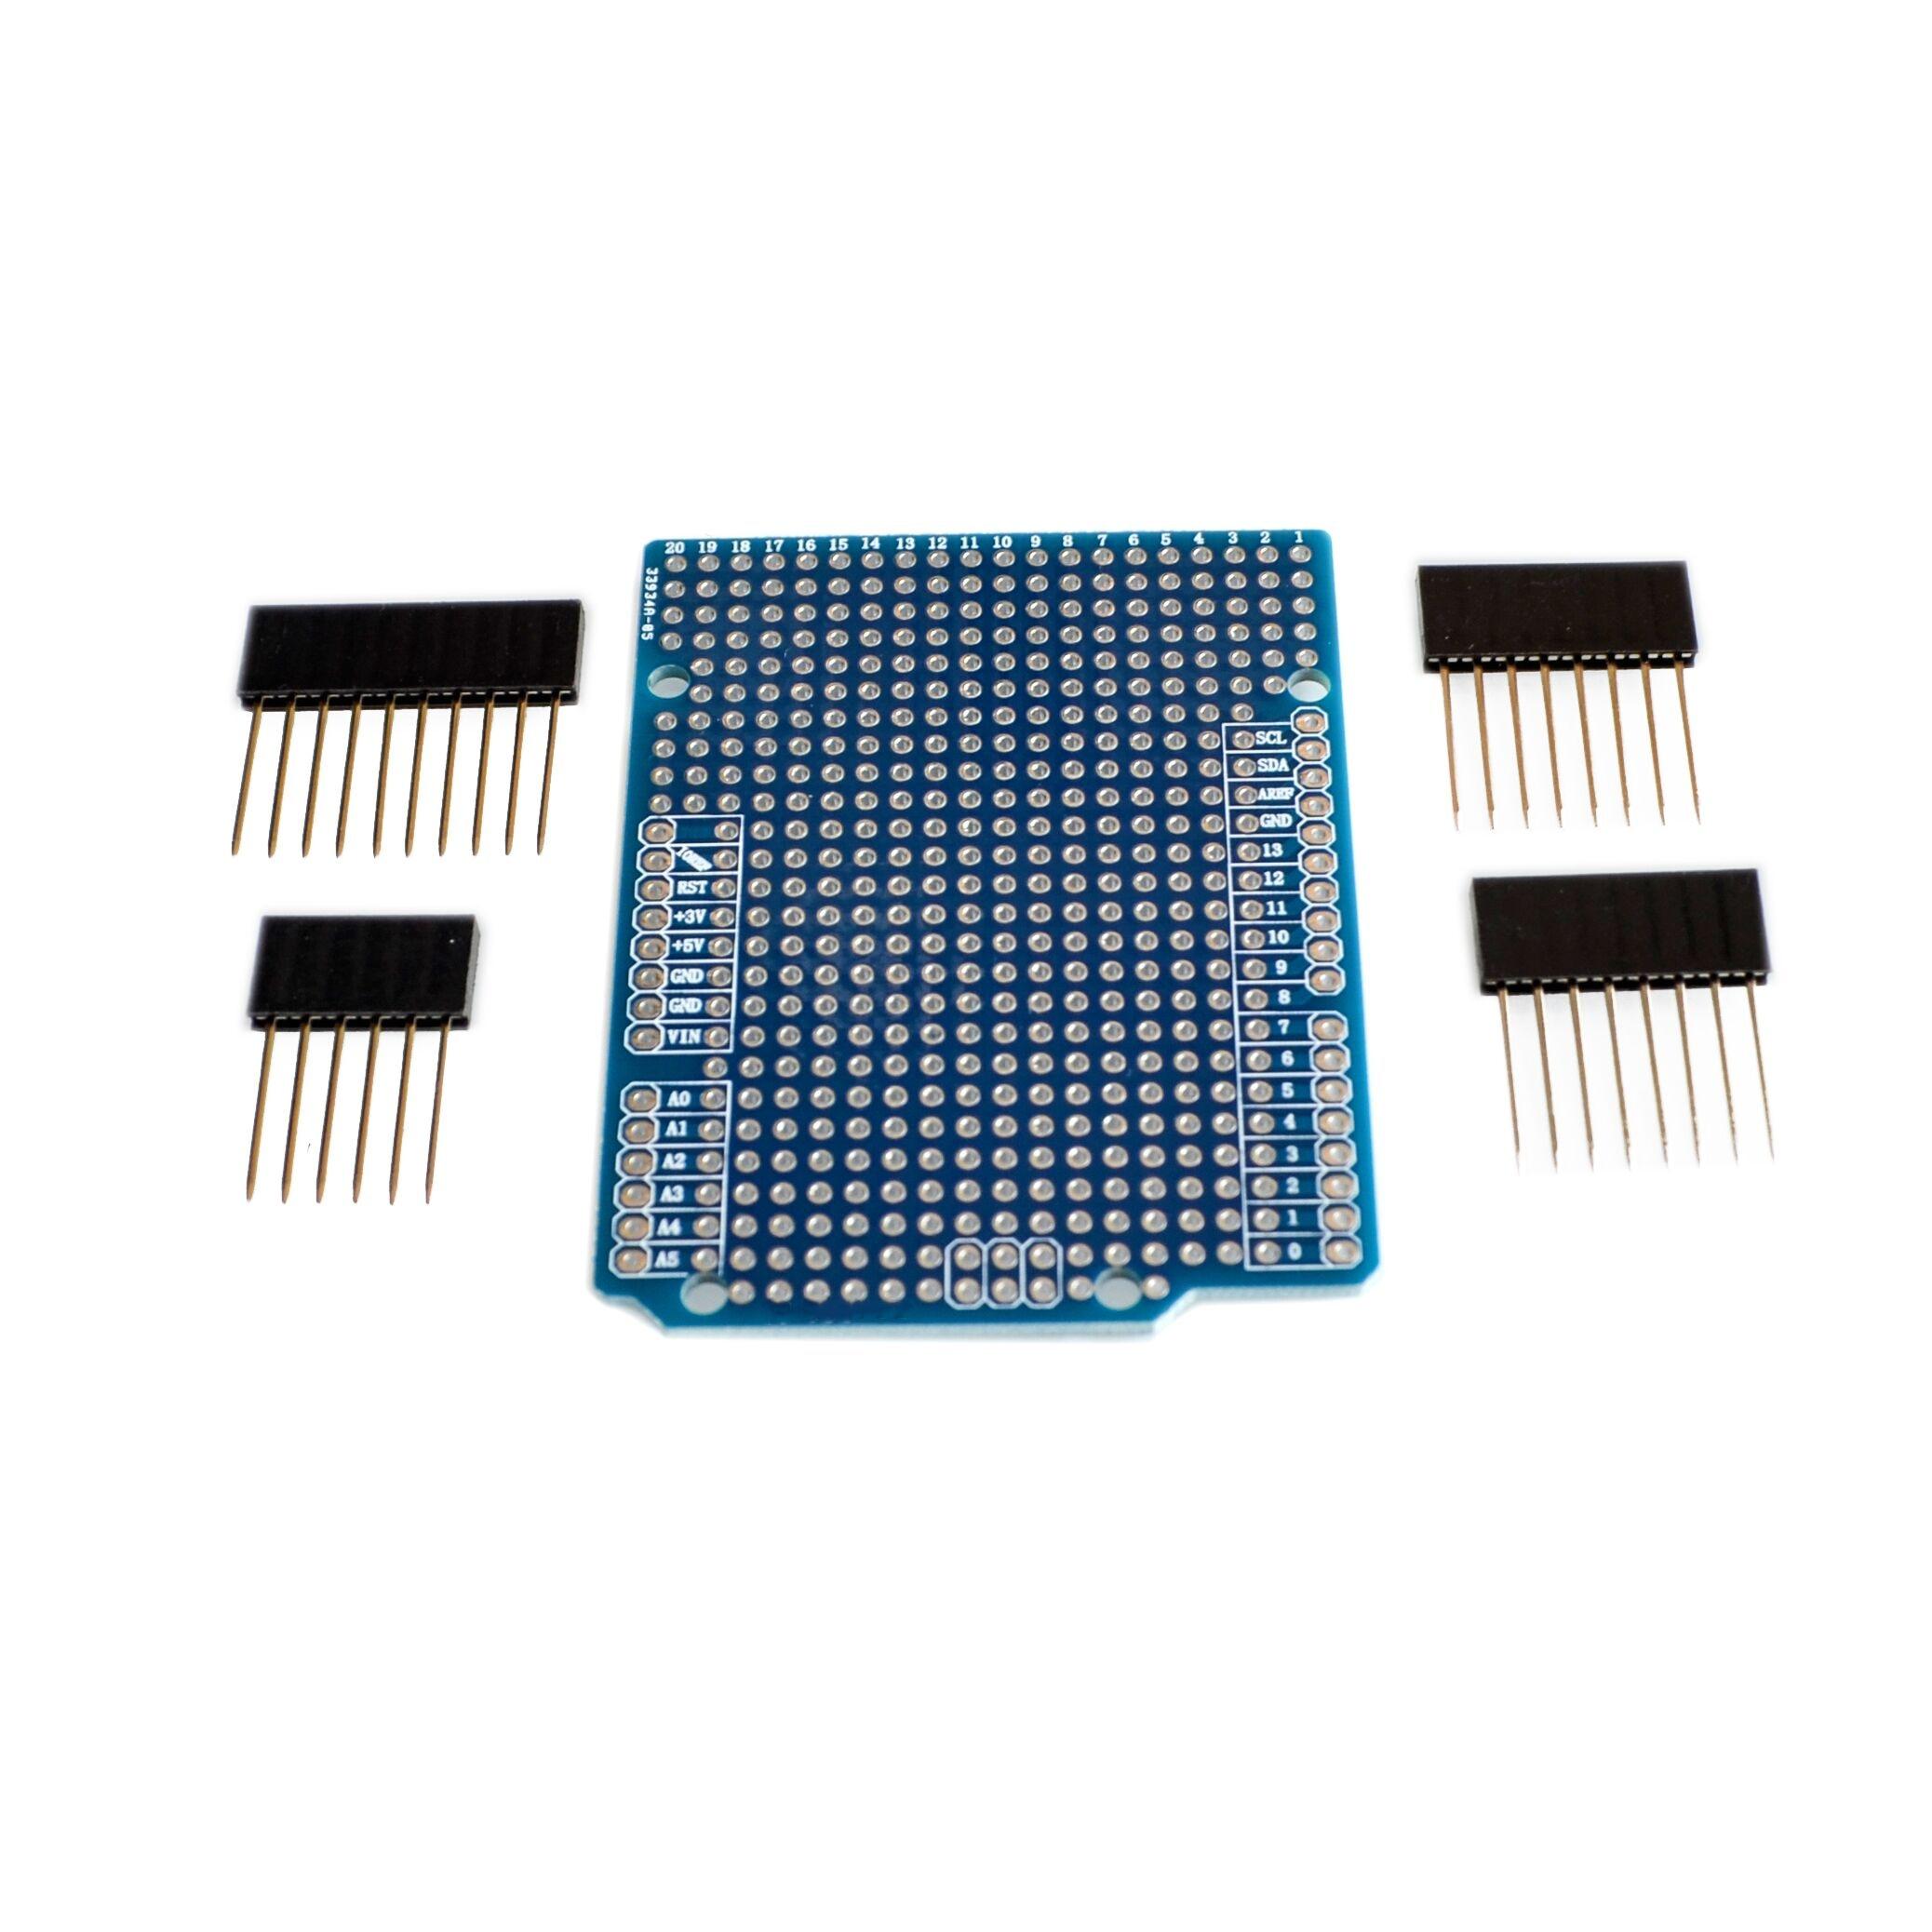 Прототип платы расширения печатной платы для Arduino ATMEGA328P UNO R3 щит искусственное волокно печатная плата макетная плата 2 мм 2,54 мм Шаг с штифтам...